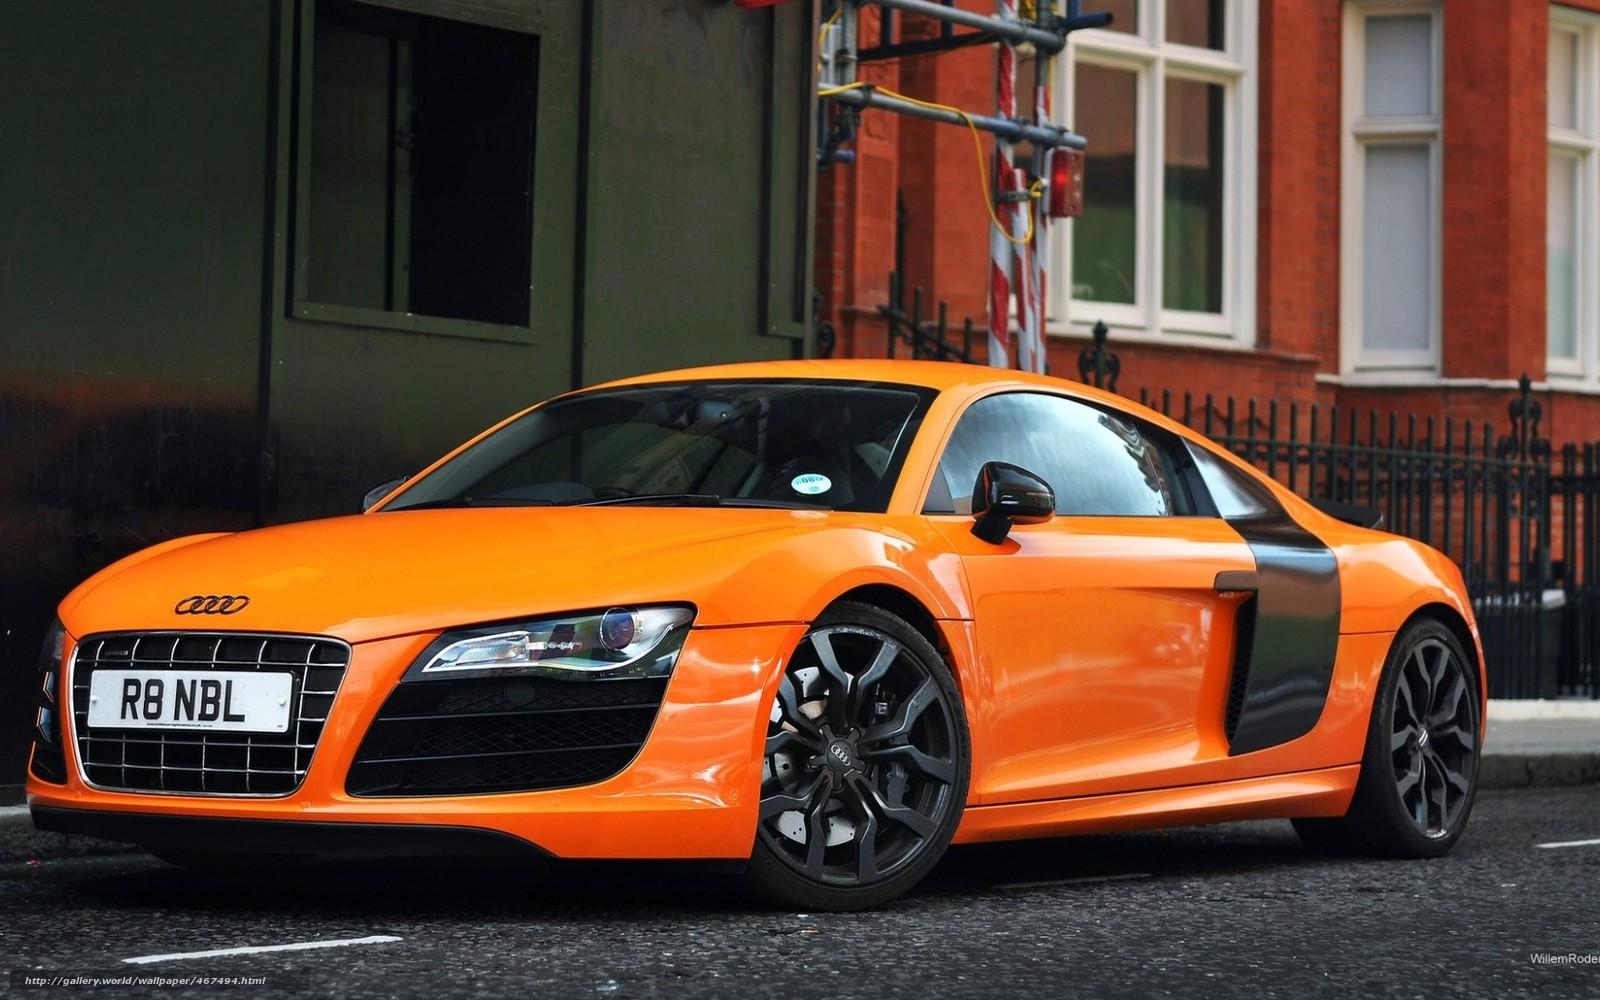 Tlcharger Fond d'ecran voiture, Papier peint, Orange, Audi Fonds d'ecran gratuits pour votre ...